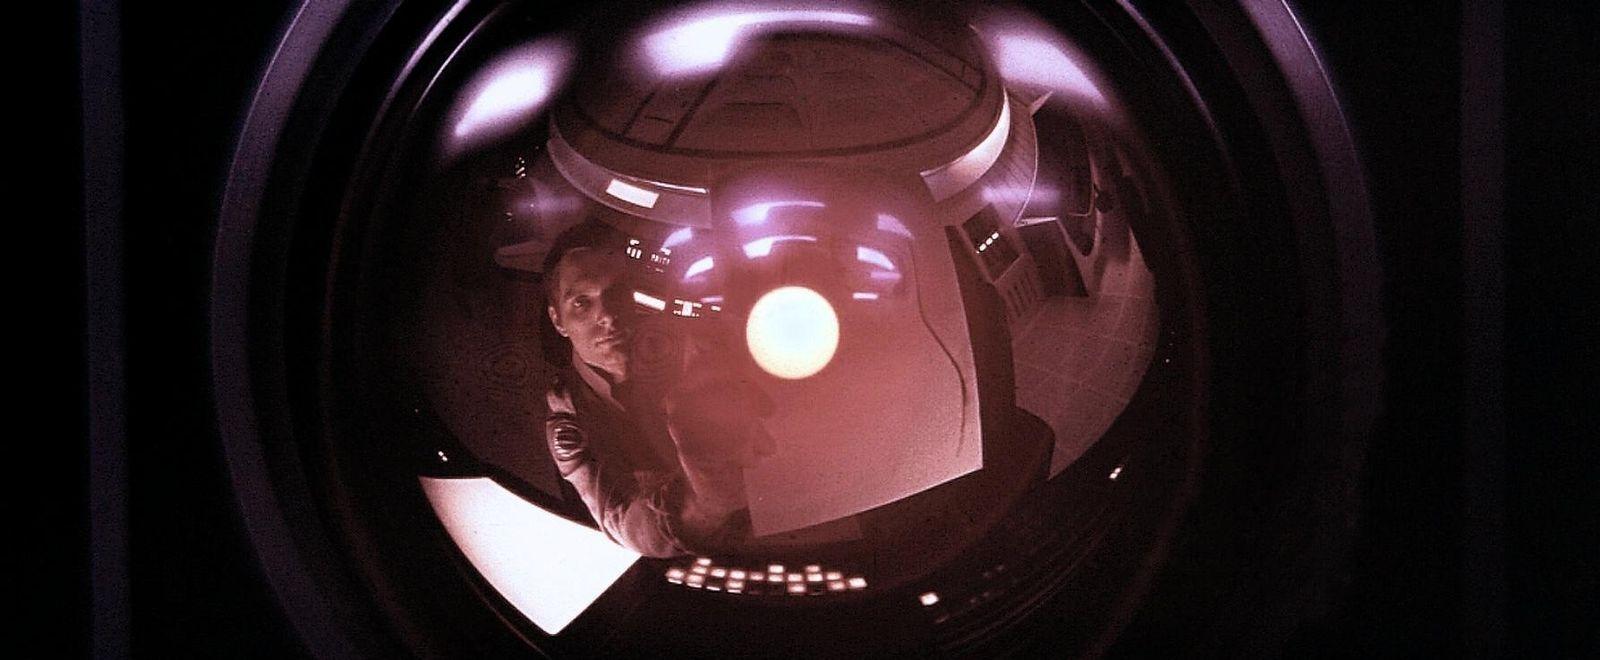 EINMALIGE VERWENDUNG 2001: Odyssee im Weltraum / 2001: A Space Odyssey